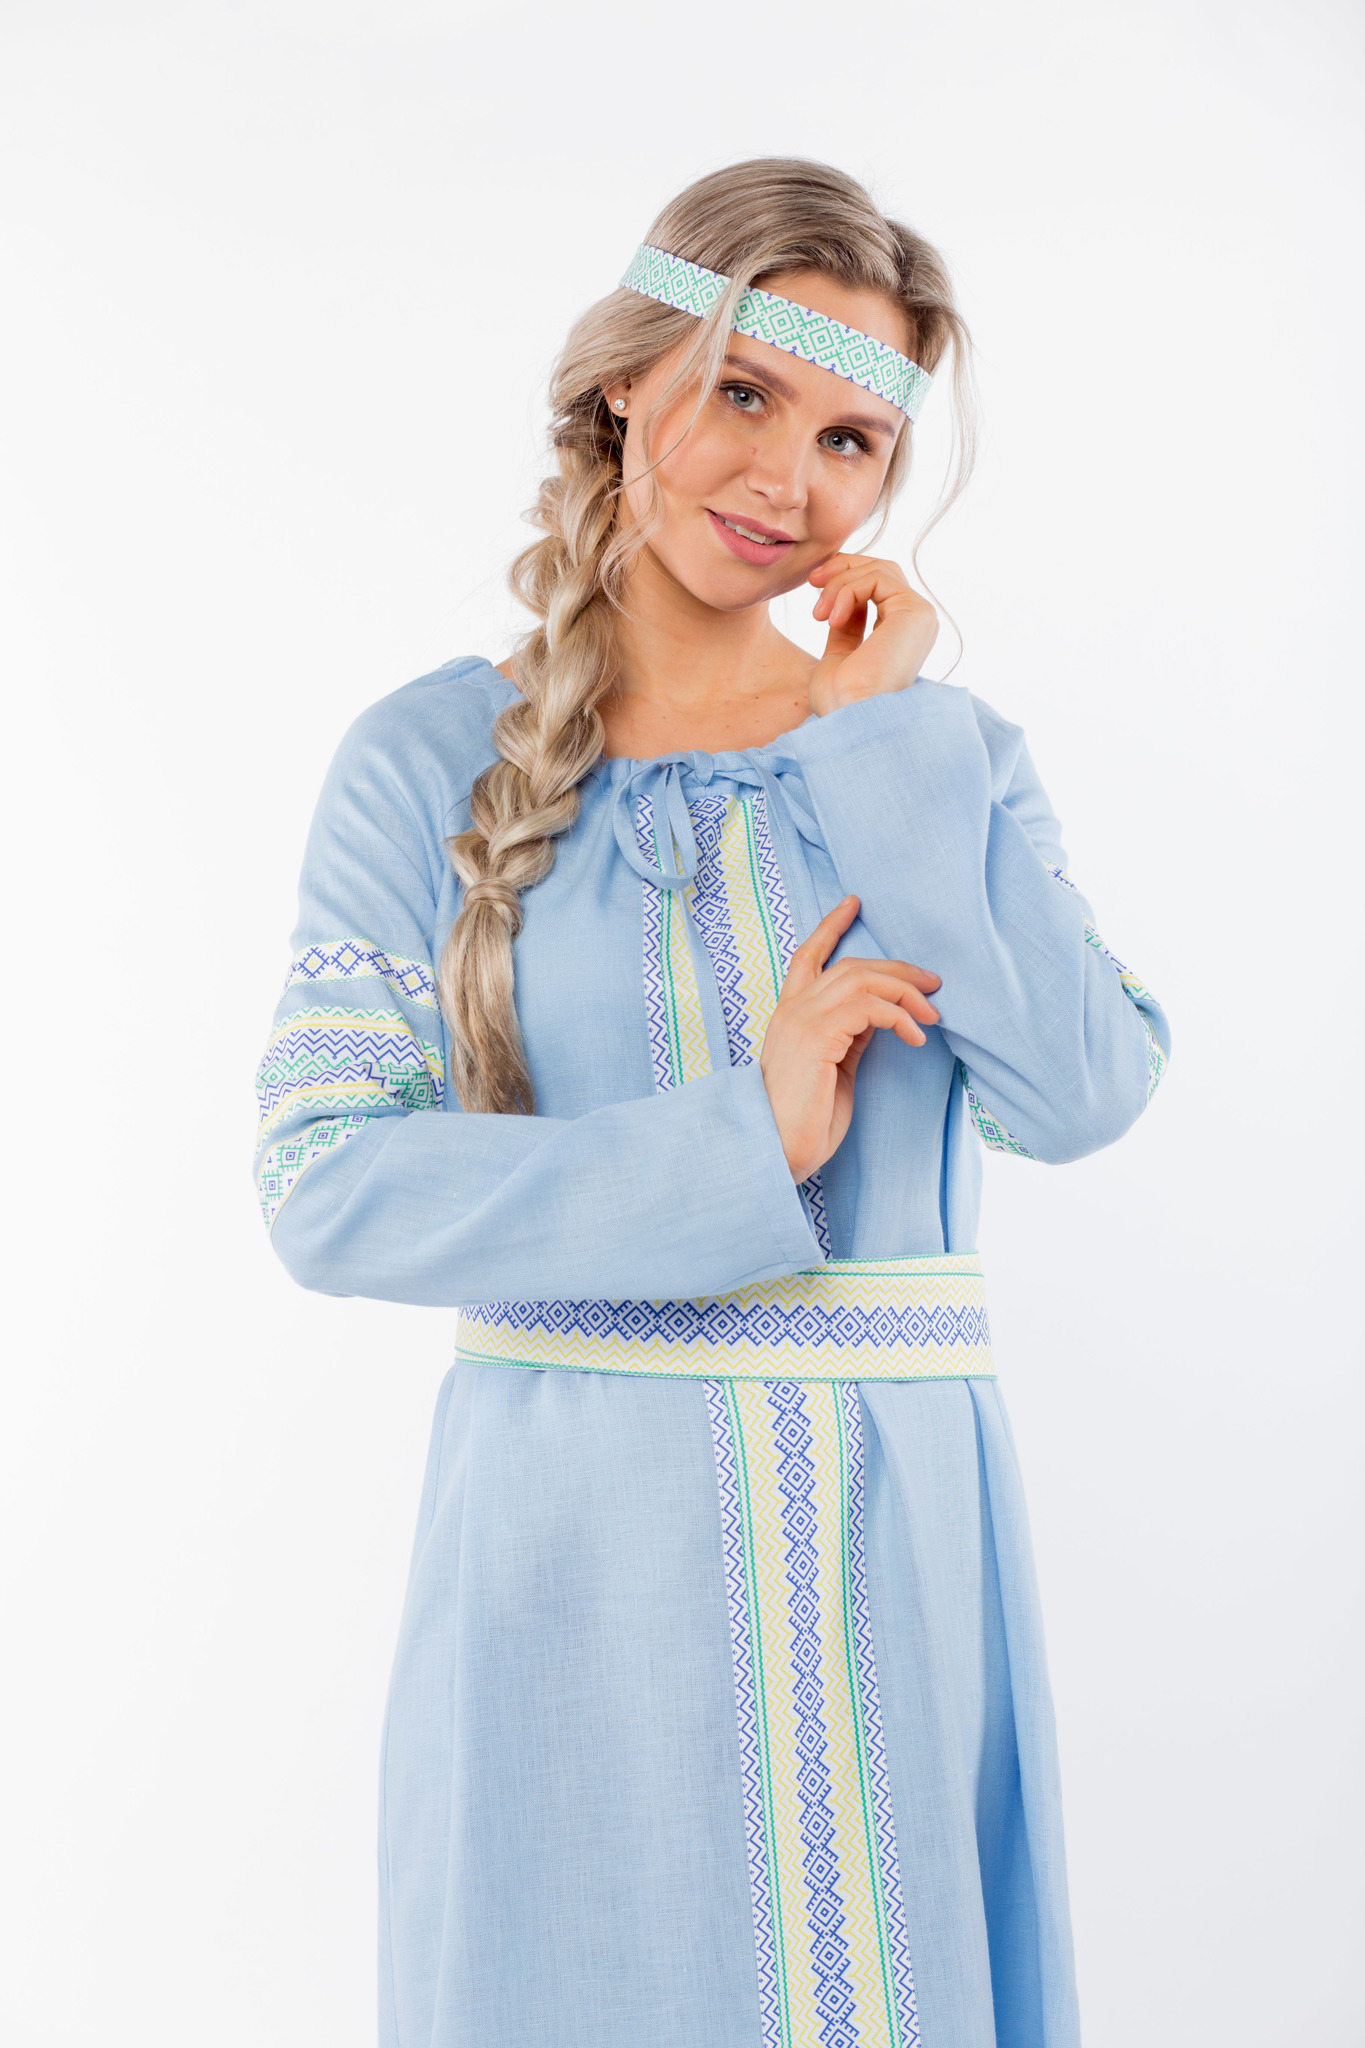 Платье льняное Чистый родник приближенный фрагмент